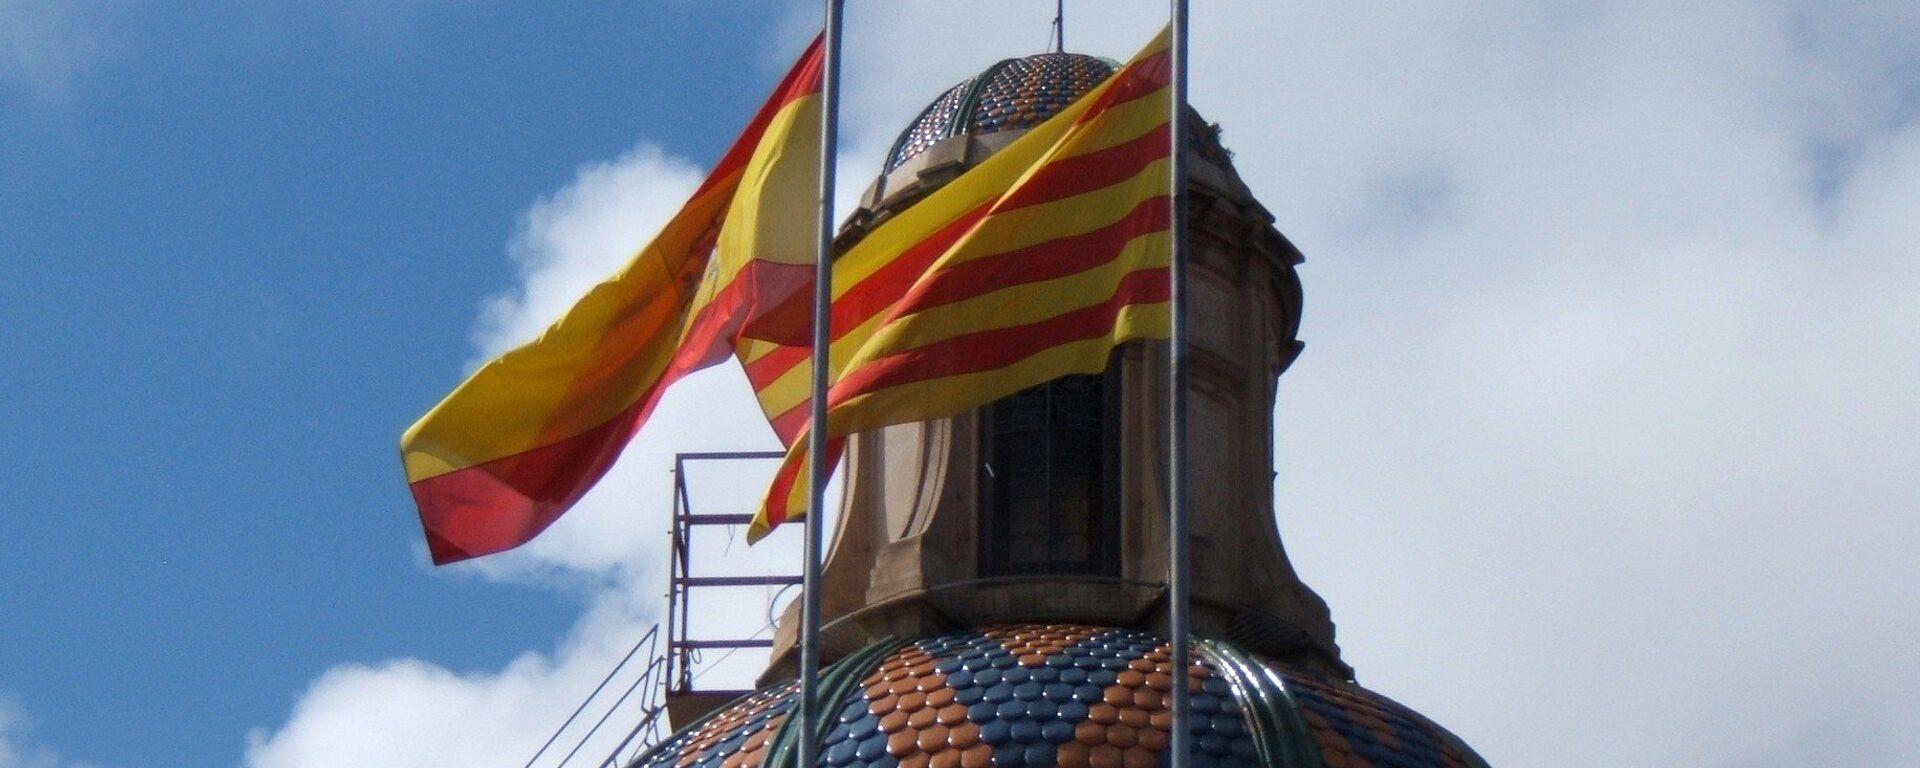 Banderas de España y Cataluña  - Sputnik Mundo, 1920, 29.06.2021